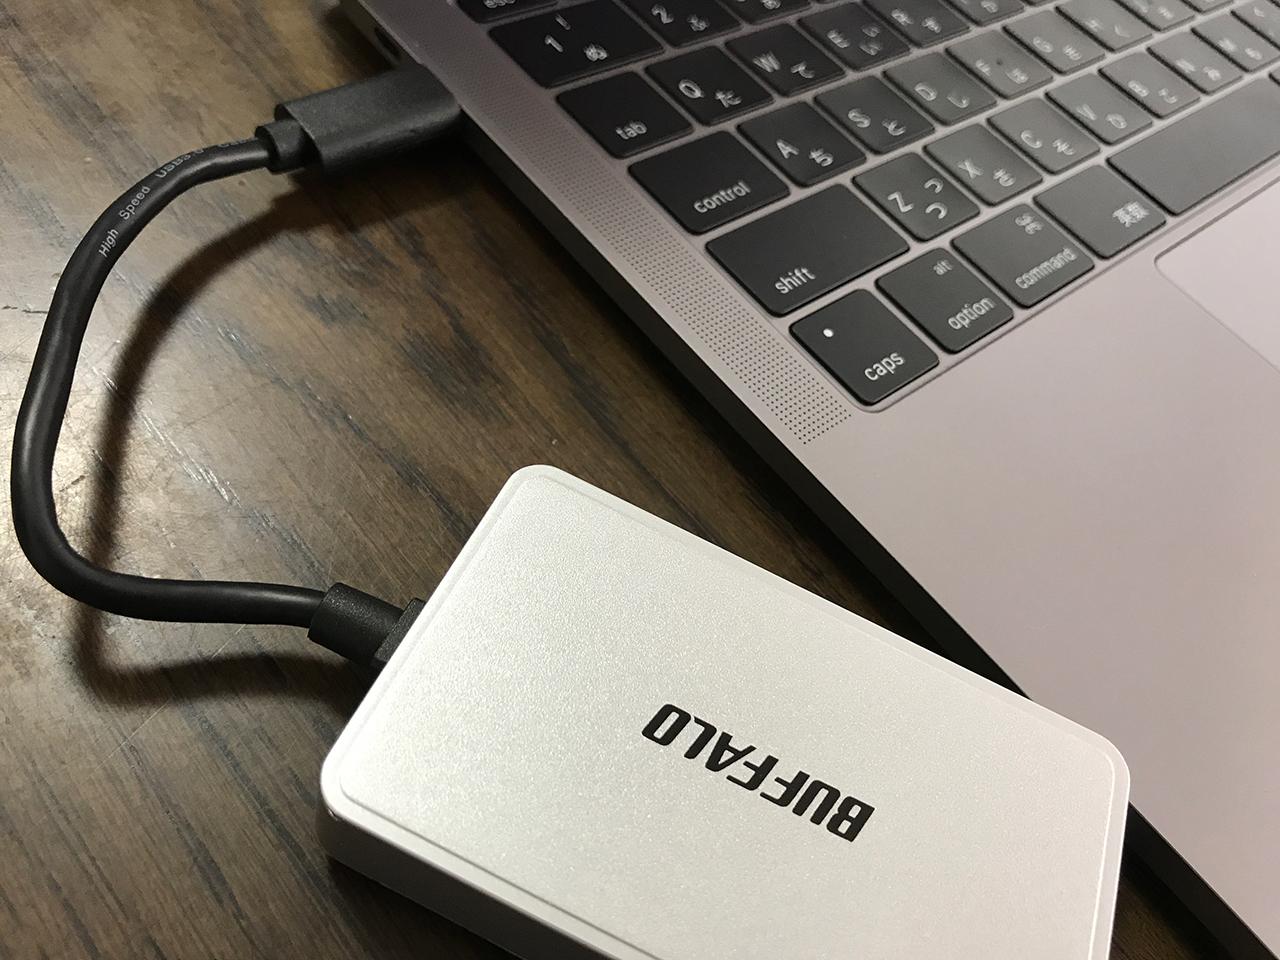 MacBook Pro 2016をメインマシンで使うために購入した周辺機器などご紹介